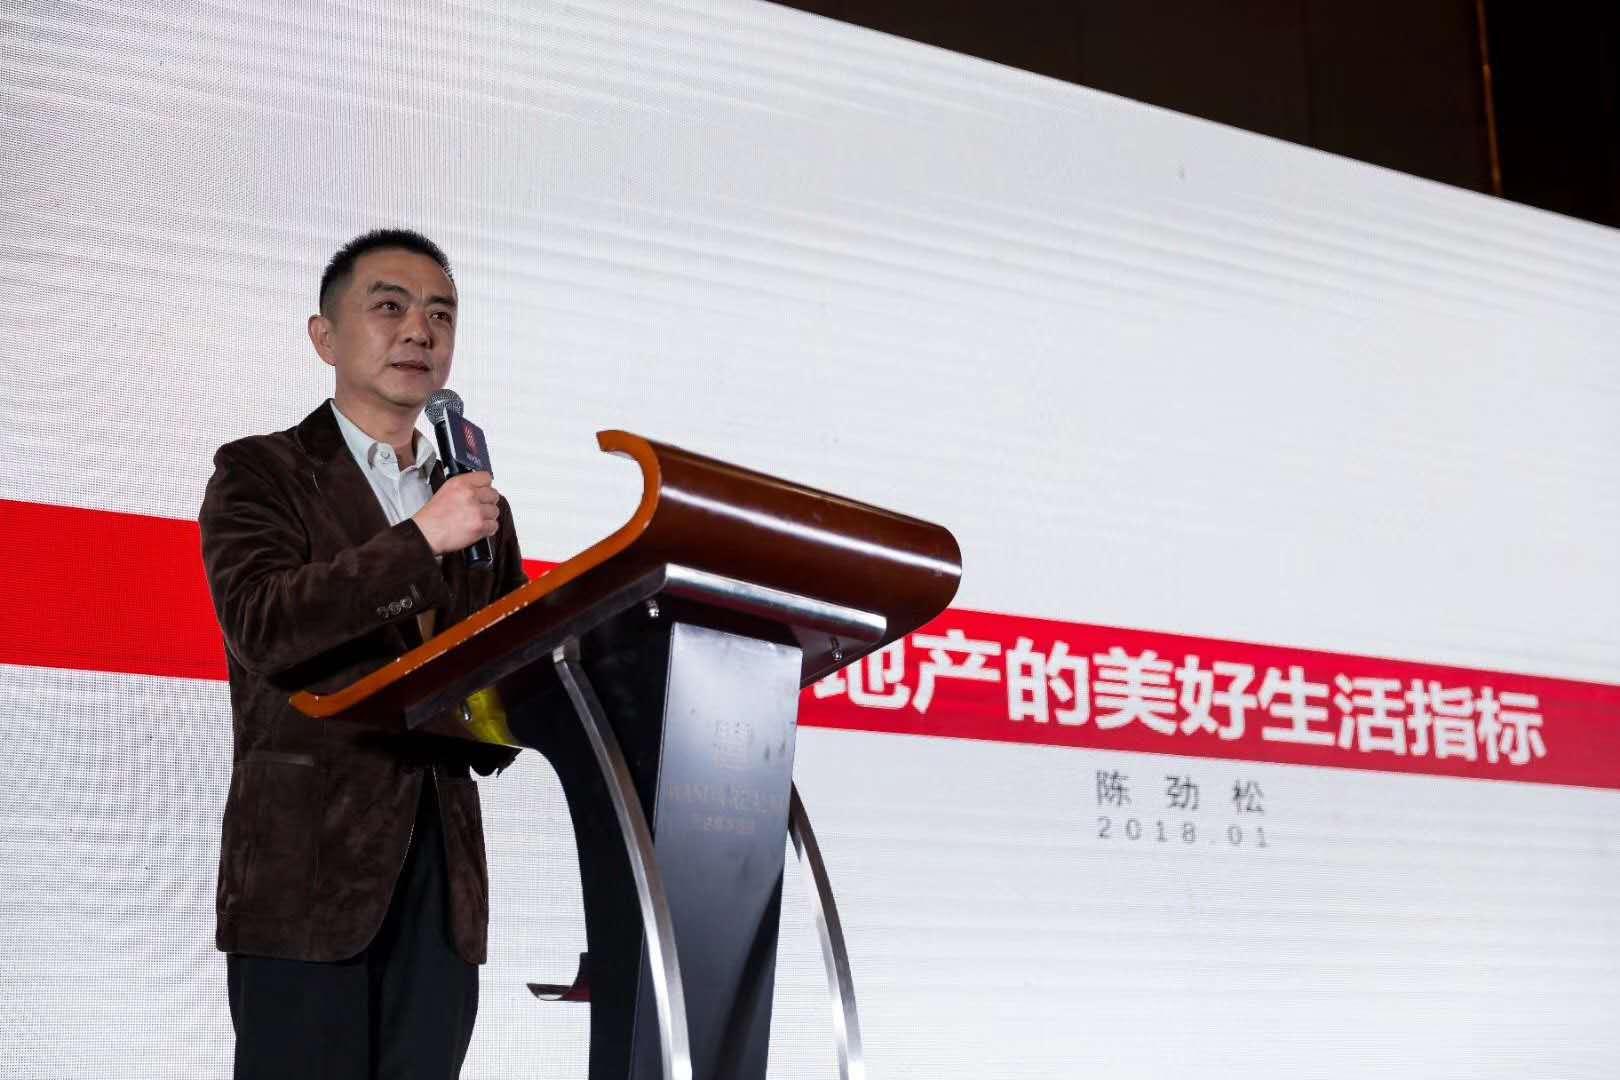 关注:世联行正式进驻柳州地产代理市场